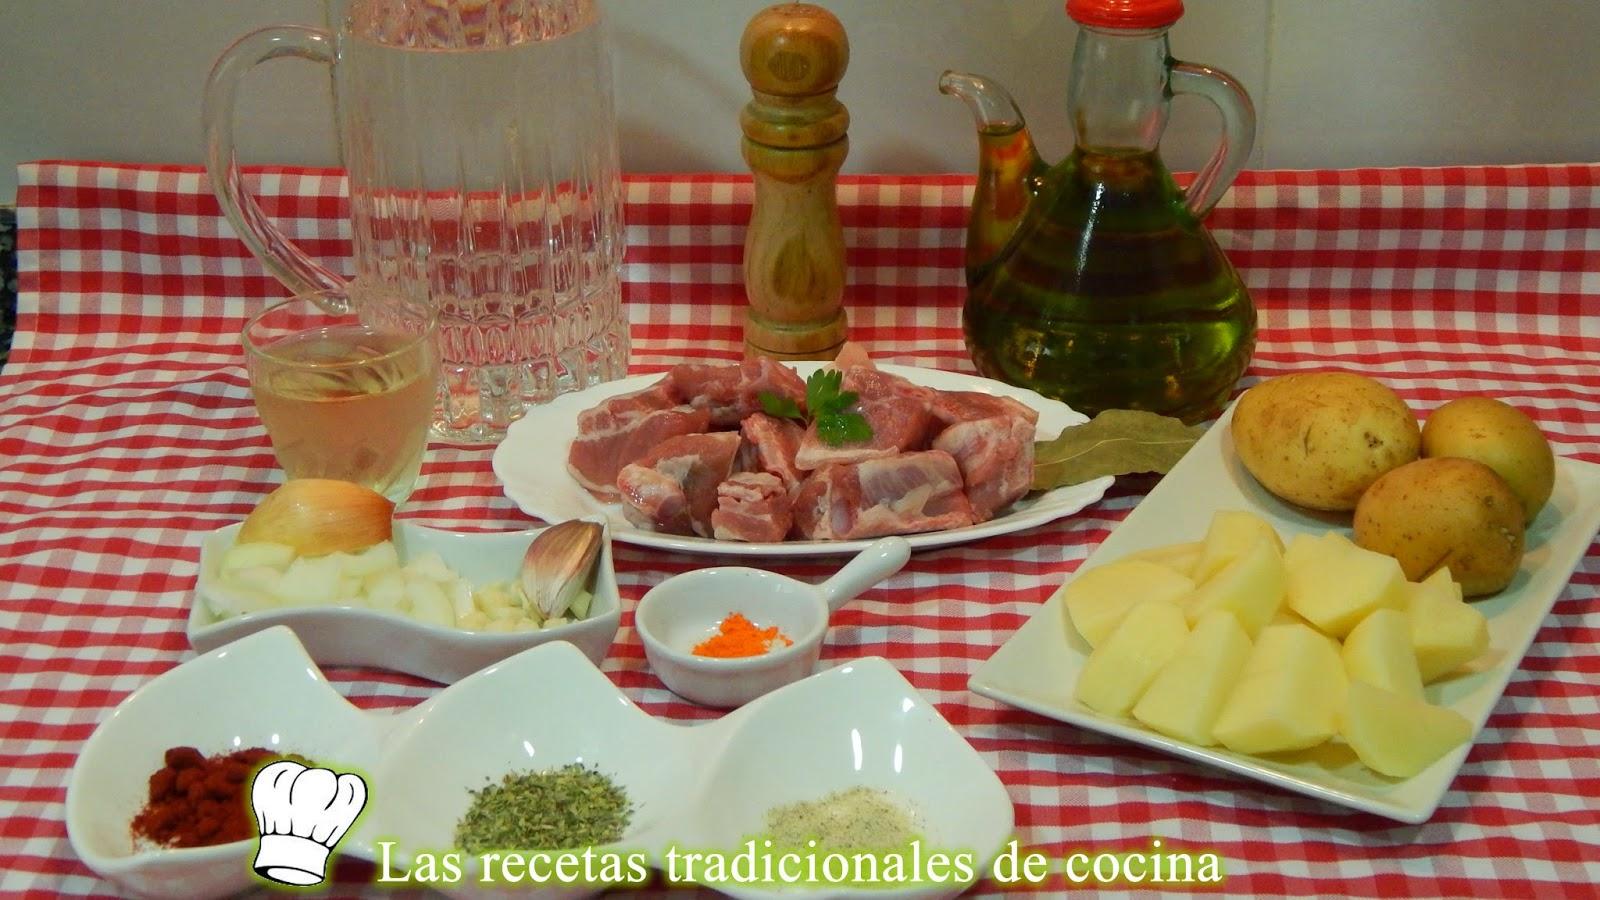 Receta fácil de guisado de patatas con costillas adobadas